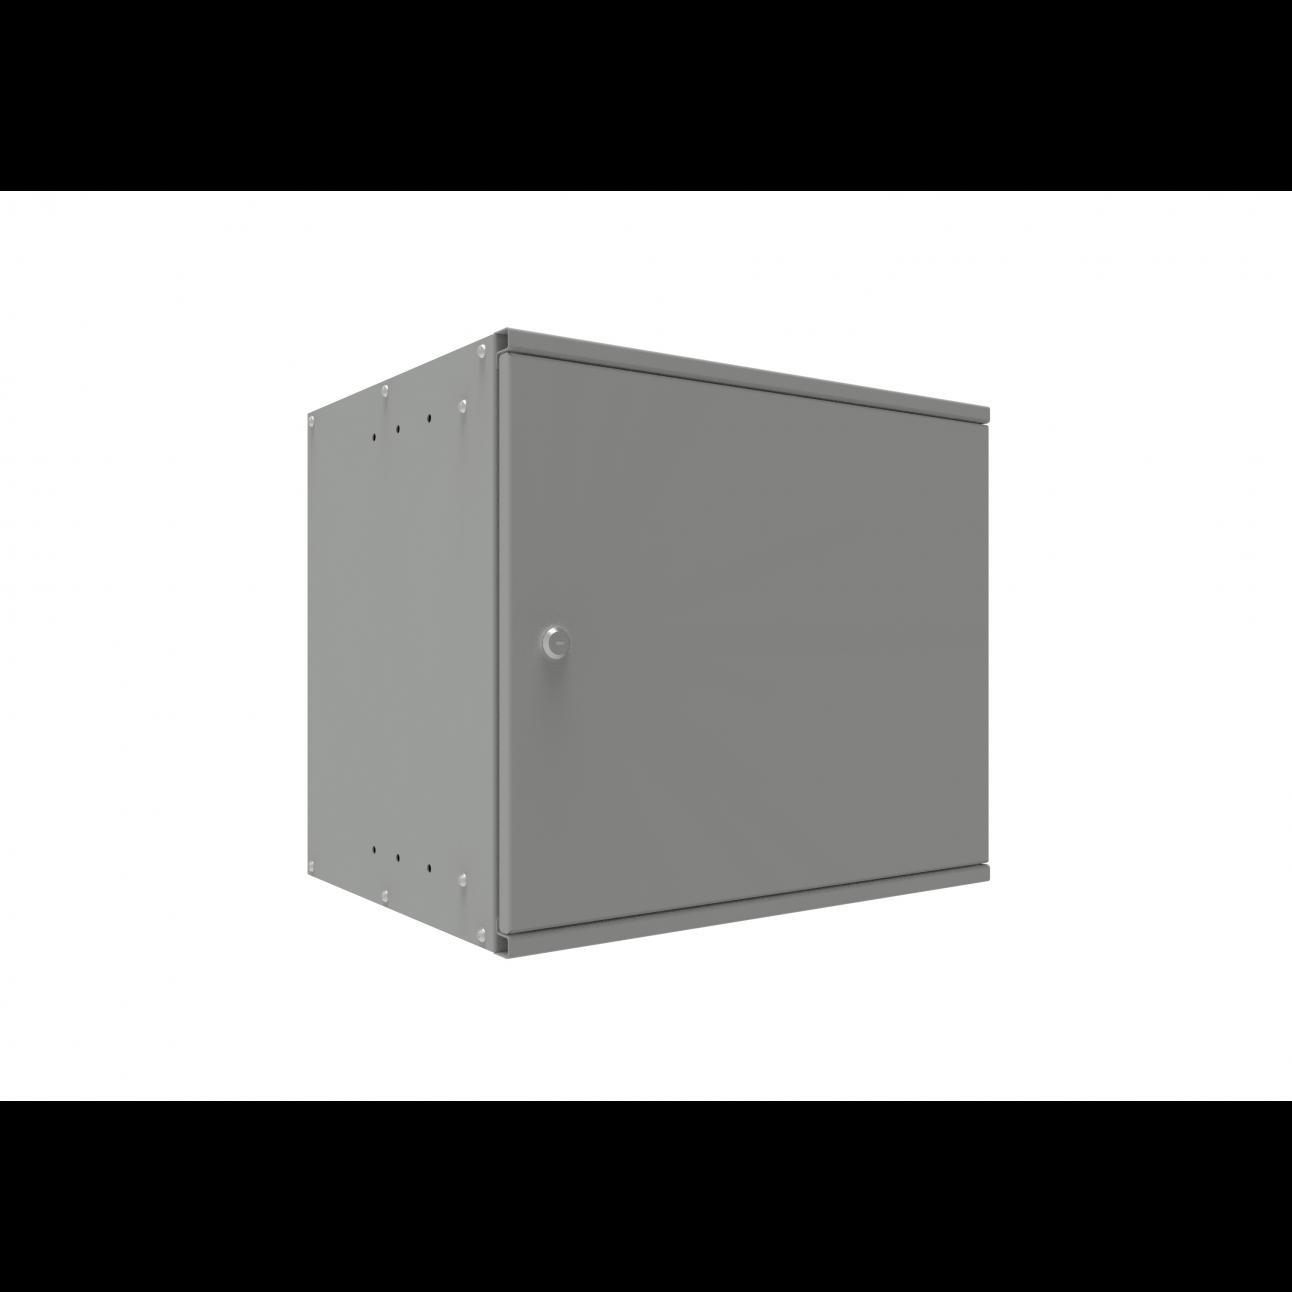 Шкаф телекоммуникационный настенный SNR-BNP4009-M, 9U, 448х520х400 мм (дверь металлическая)